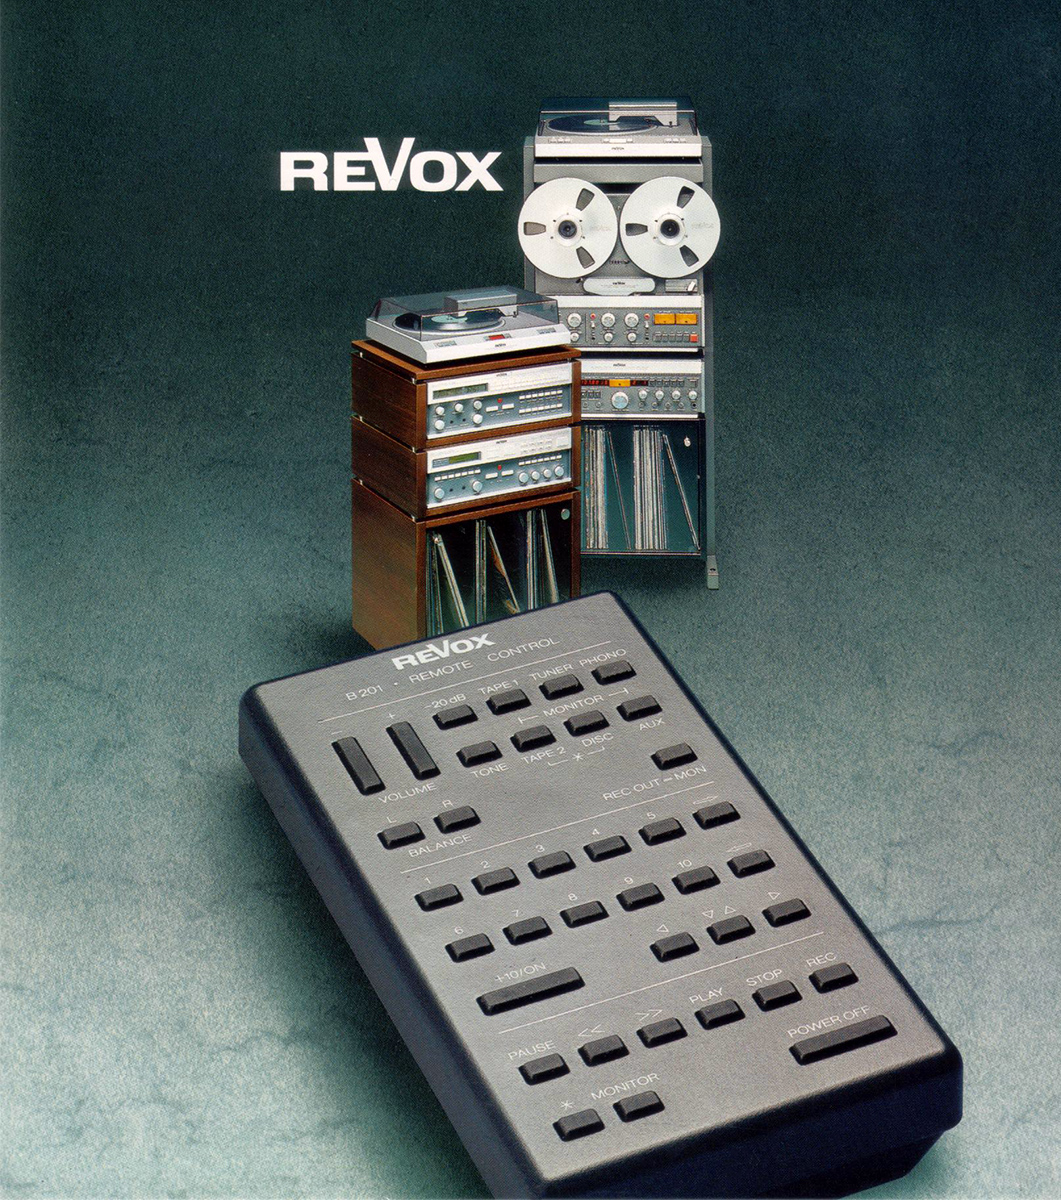 ReVox B201 - Remote Control